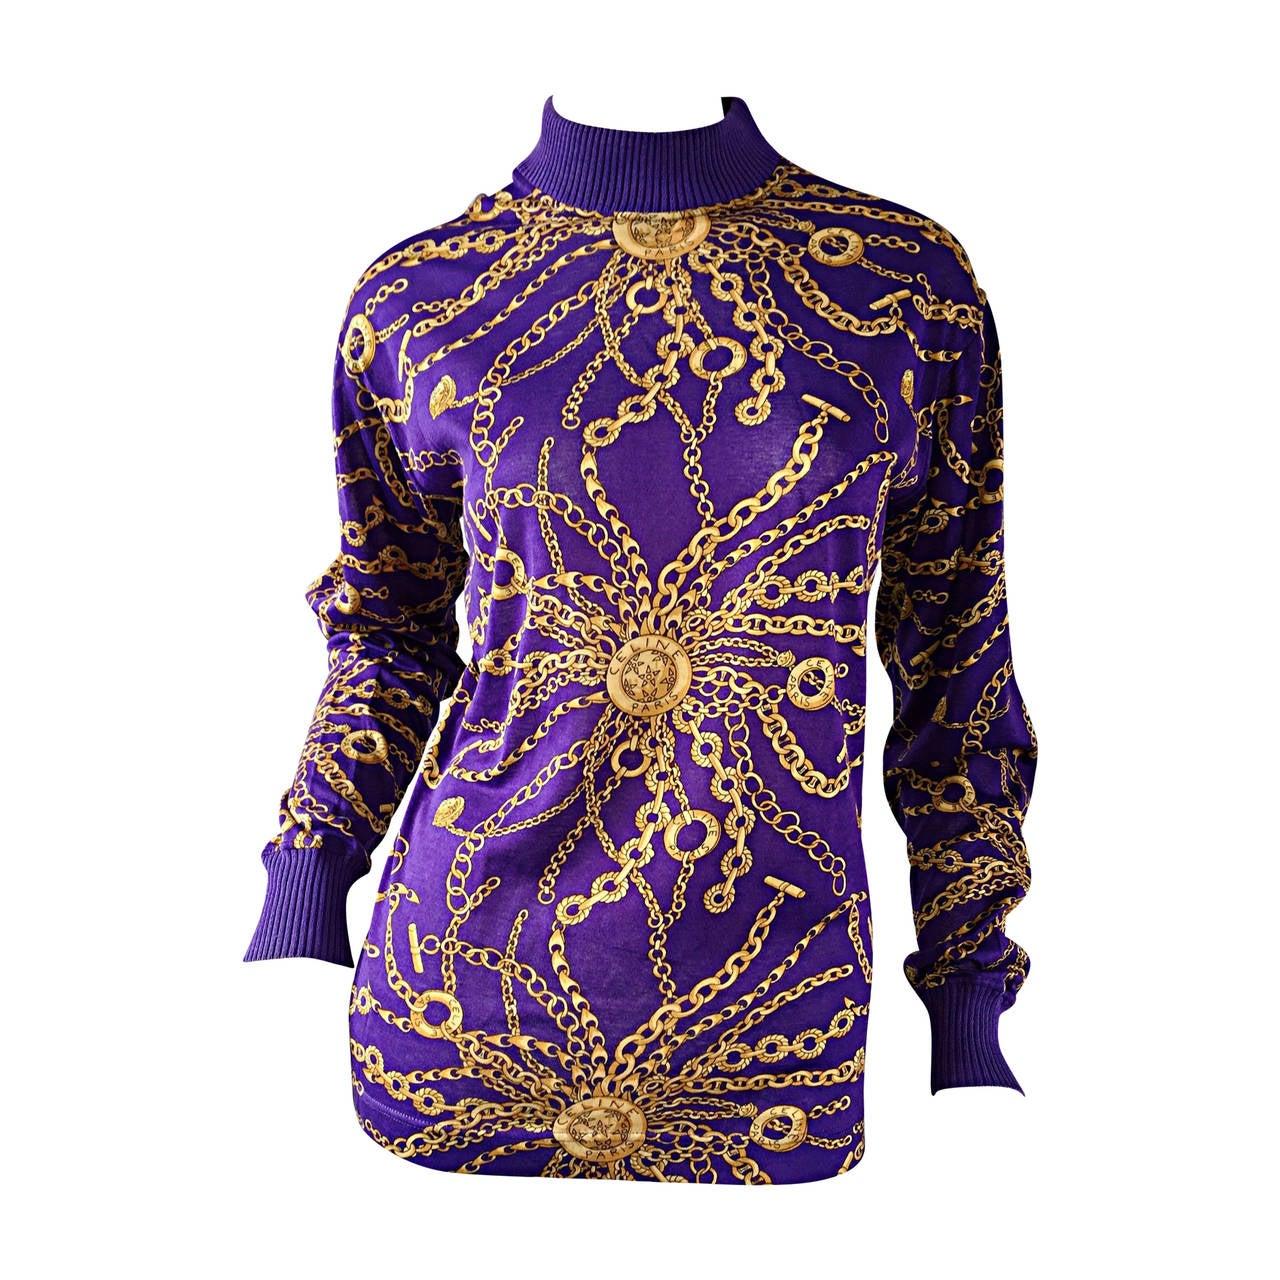 Celine Purple + Gold Long Sleeve Vintage Cotton Top Blouse w/ Chain Print